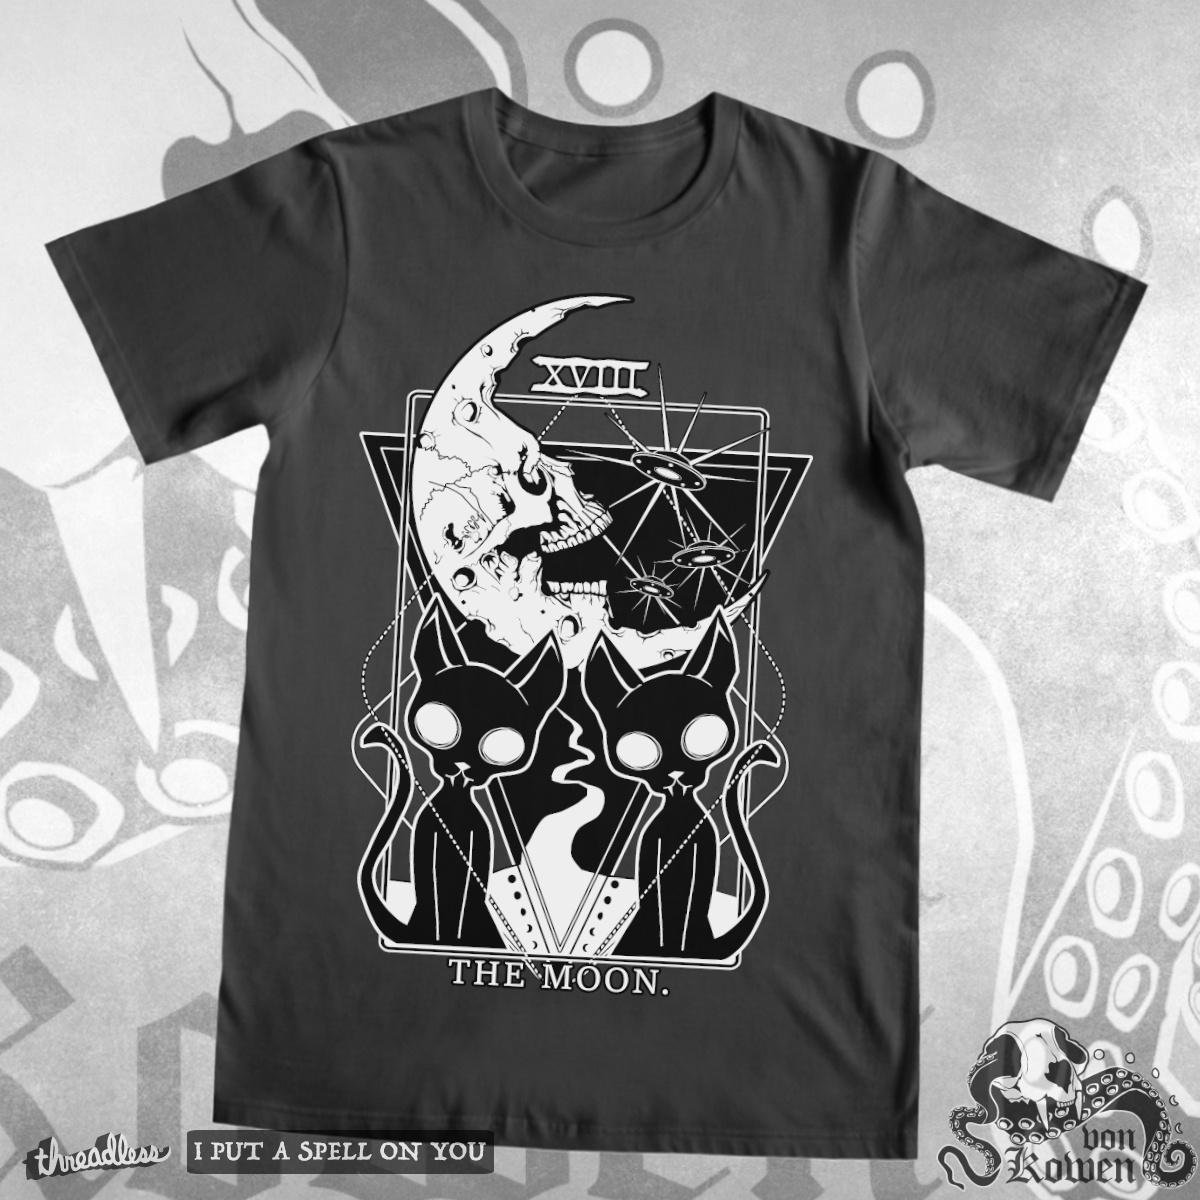 The Moon Tarot card, a cool t-shirt design